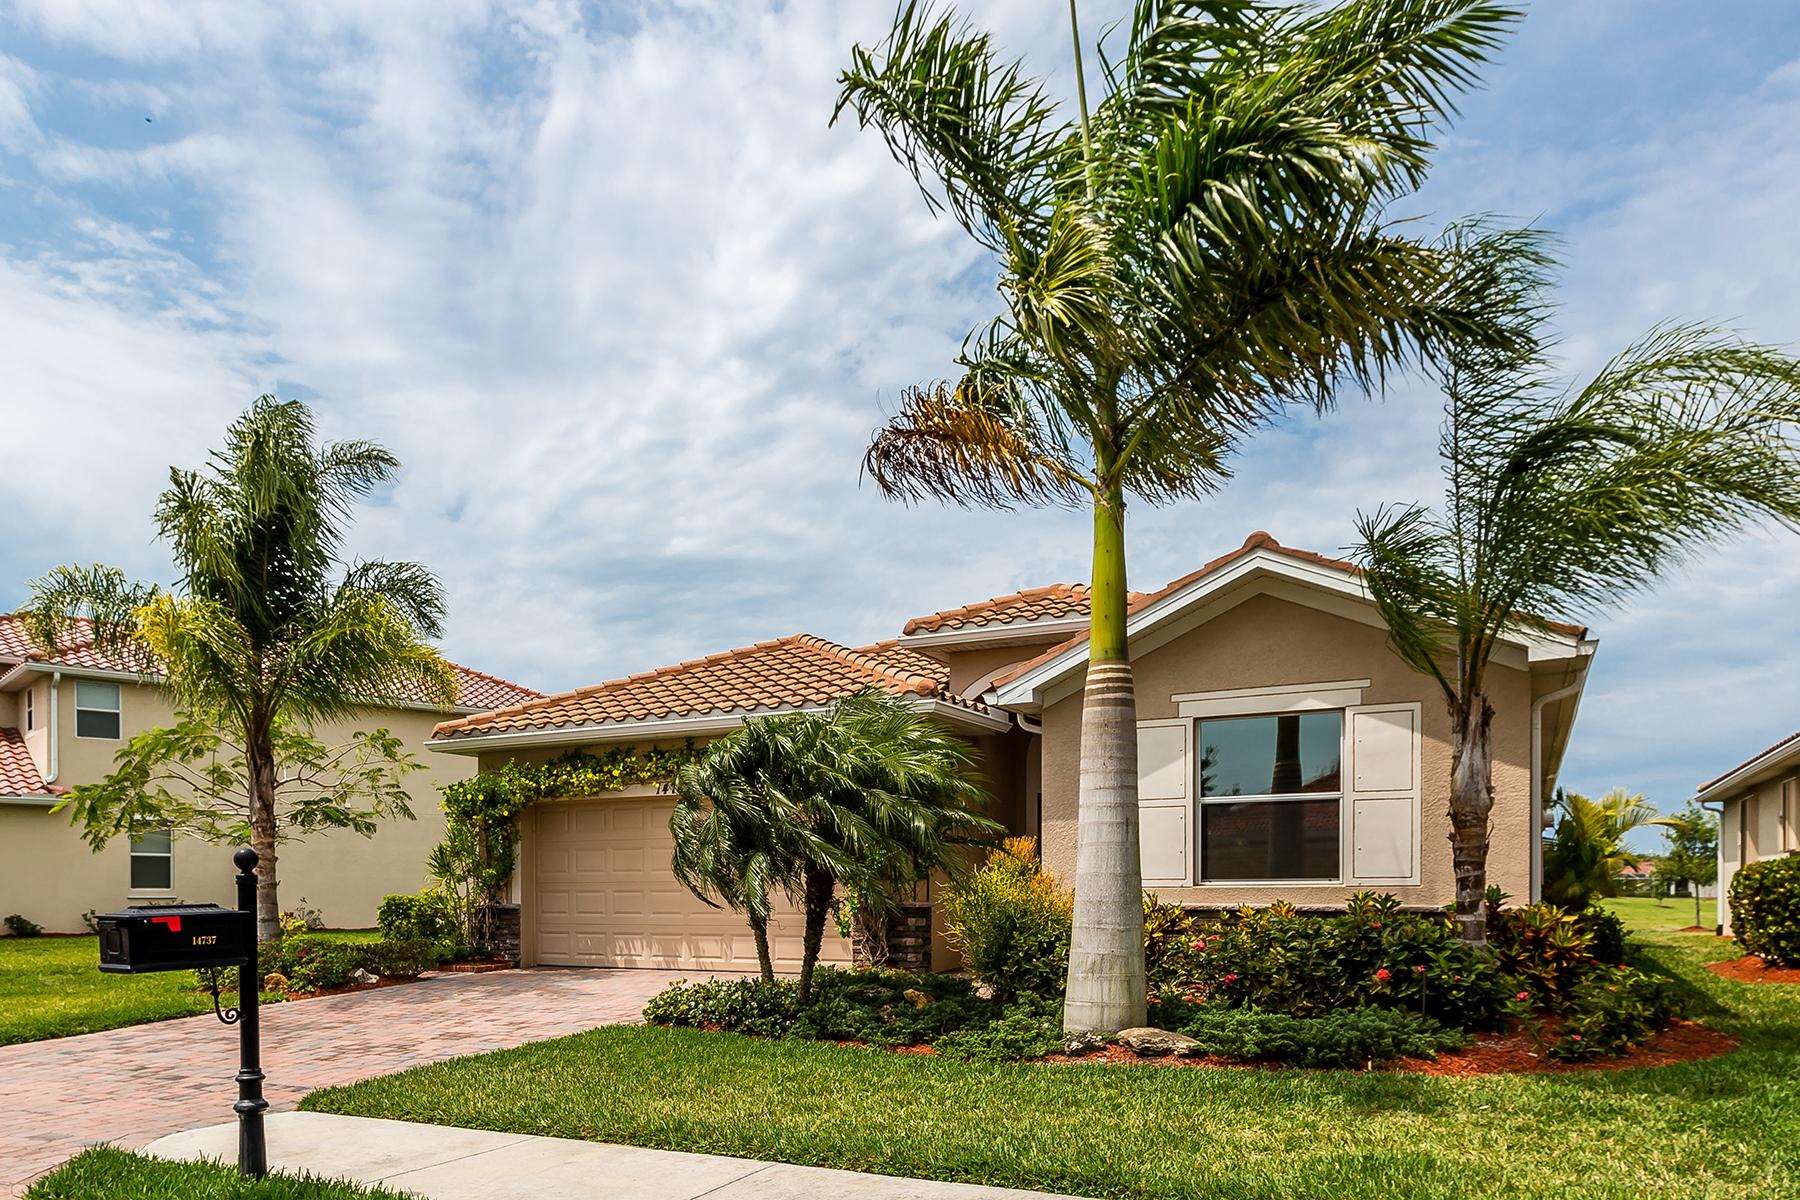 단독 가정 주택 용 매매 에 REFLECTION LAKES 14737 Cranberry Ct Naples, 플로리다, 34114 미국